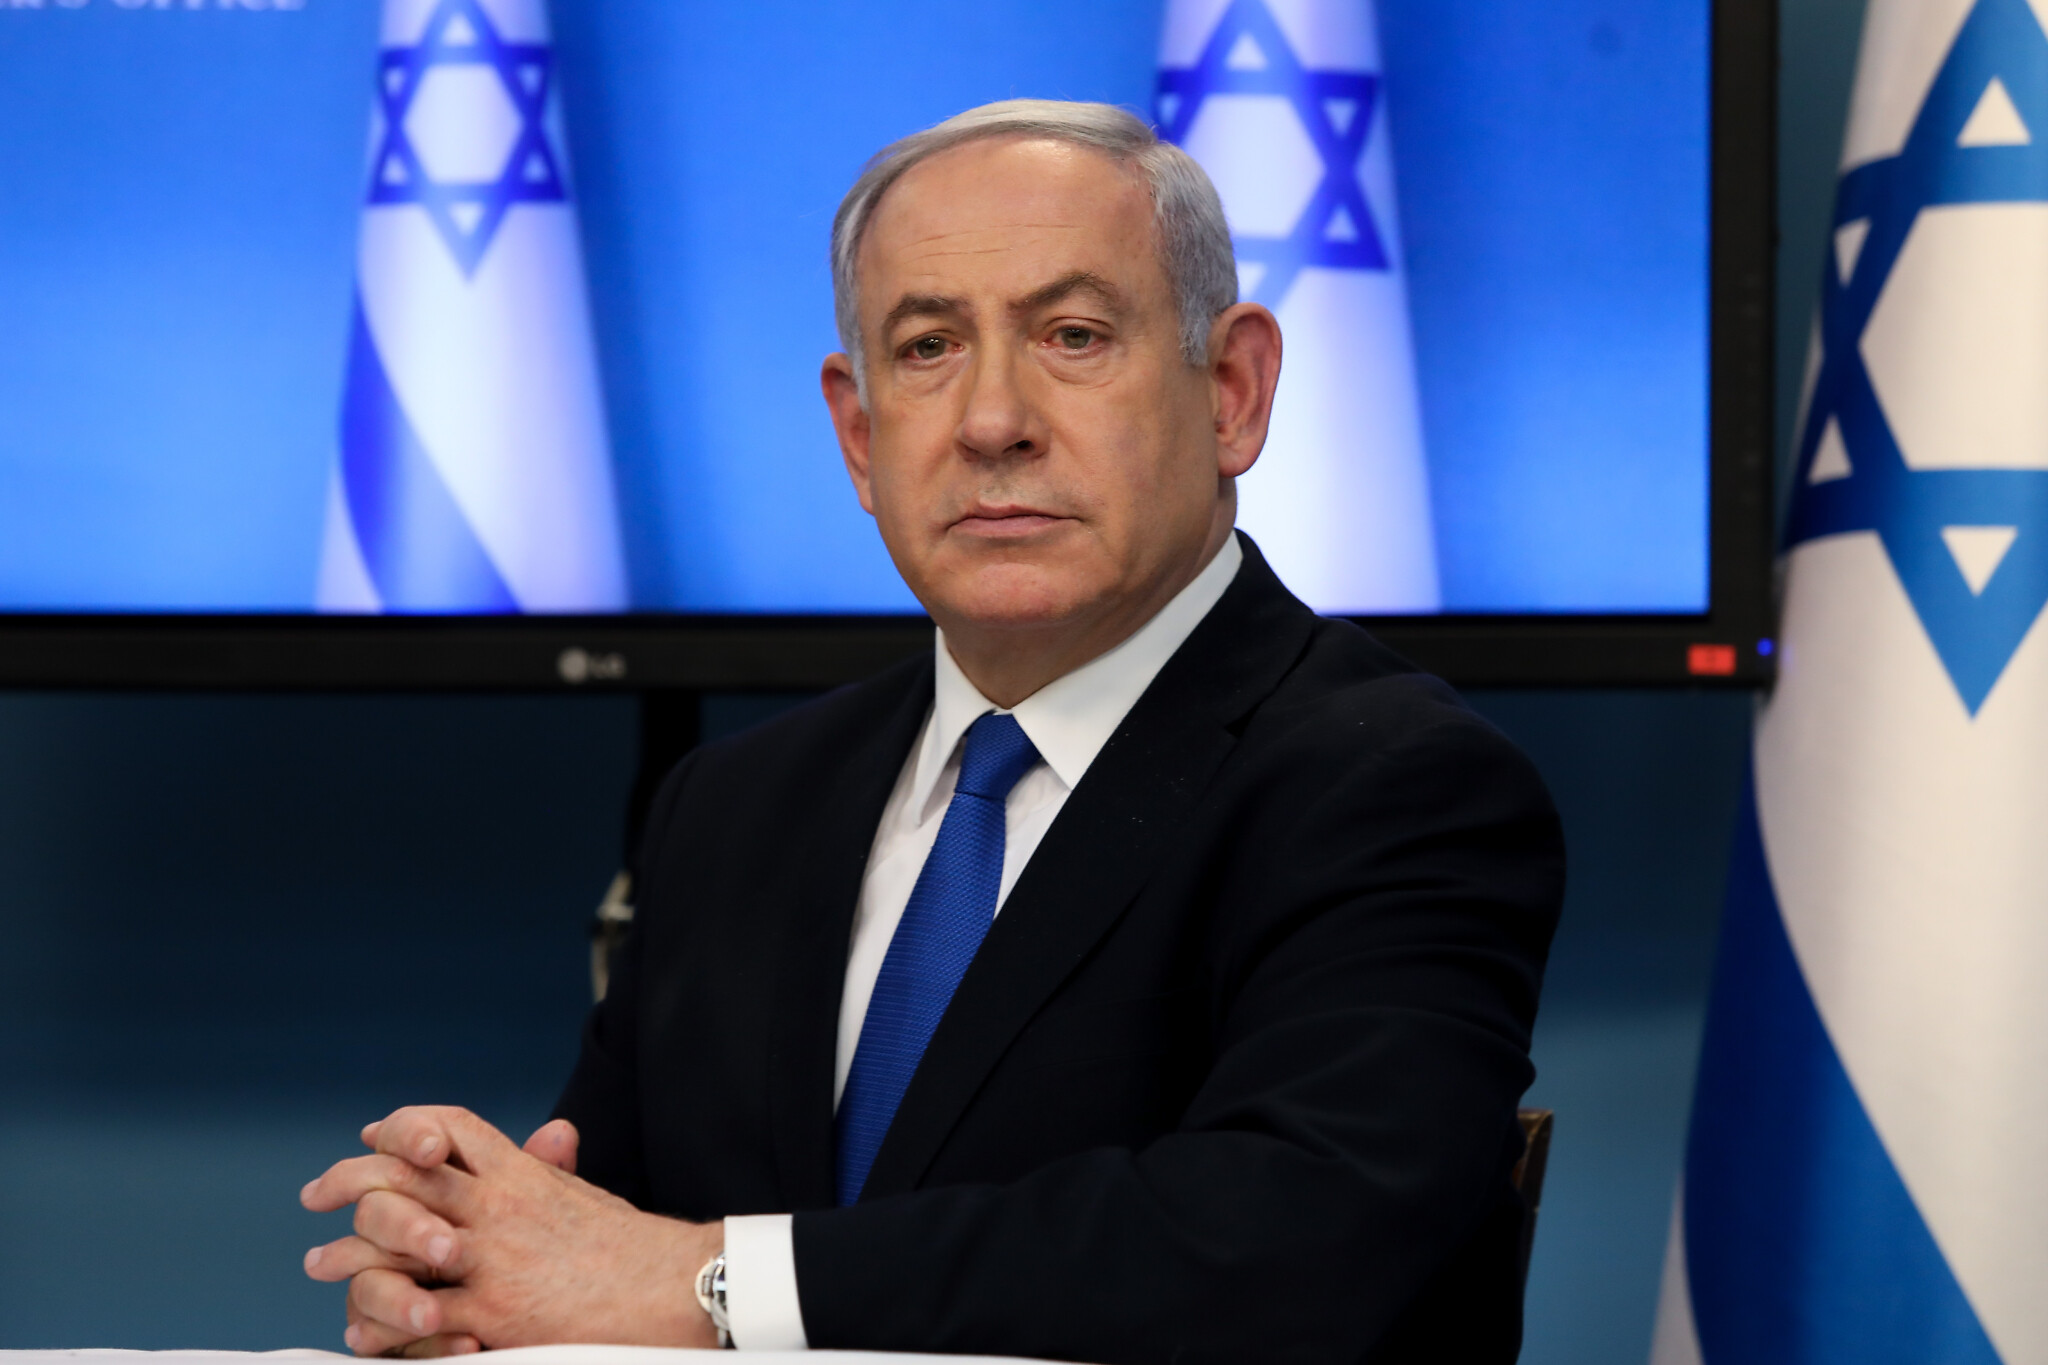 Fahrizade suikasti sonrası gözler Netenyahu'ya çevrildi!